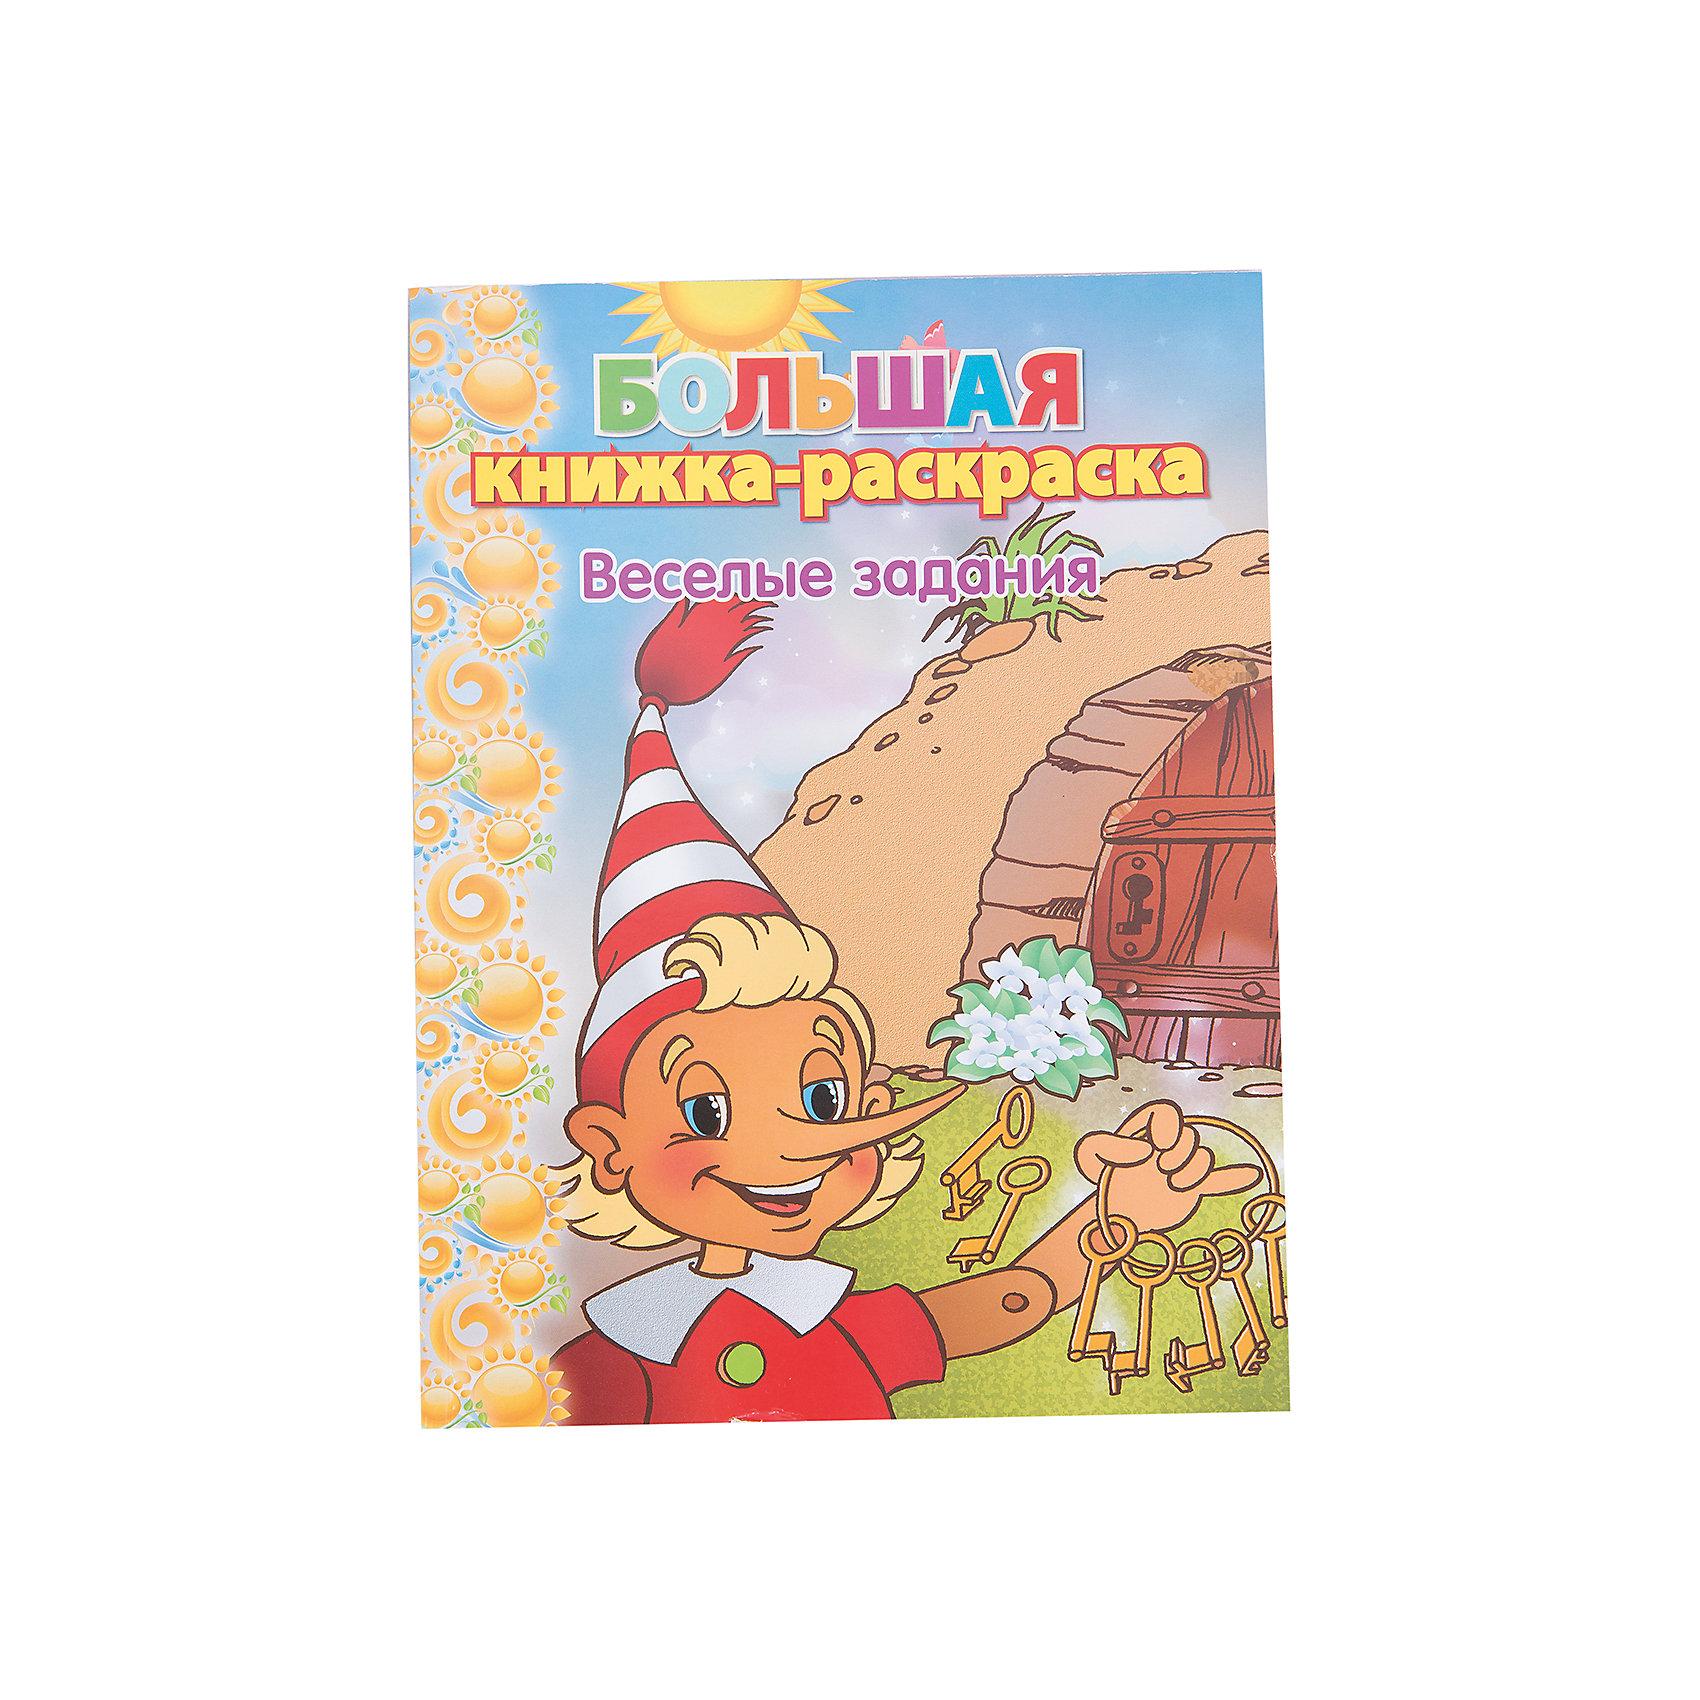 Большая книжка-раскраска Веселые задания А4, 80 страницРисование<br>Обучаться и тренировать мышление можно в игровой форме! Книжки-раскраски - это отличный вариант подарка ребенку, который одновременно и развлечет его, и позволит ему развивать важные навыки. Эта раскраска создана для детей, любящих сказки.<br>Раскрашивание картинок в этом издании способствует развитию у малышей мелкой моторики, цветовосприятия, художественного вкуса, внимания и воображения. Раскраска отличается удобным форматом, а также отличным качеством печати и бумаги. <br><br>Дополнительная информация:<br><br>формат: А4;<br>офсетная печать;<br>страниц: 80.<br><br>Раскраску Веселые задания, 80 страниц можно купить в нашем магазине.<br><br>Ширина мм: 100<br>Глубина мм: 100<br>Высота мм: 10<br>Вес г: 50<br>Возраст от месяцев: 36<br>Возраст до месяцев: 120<br>Пол: Унисекс<br>Возраст: Детский<br>SKU: 4993593